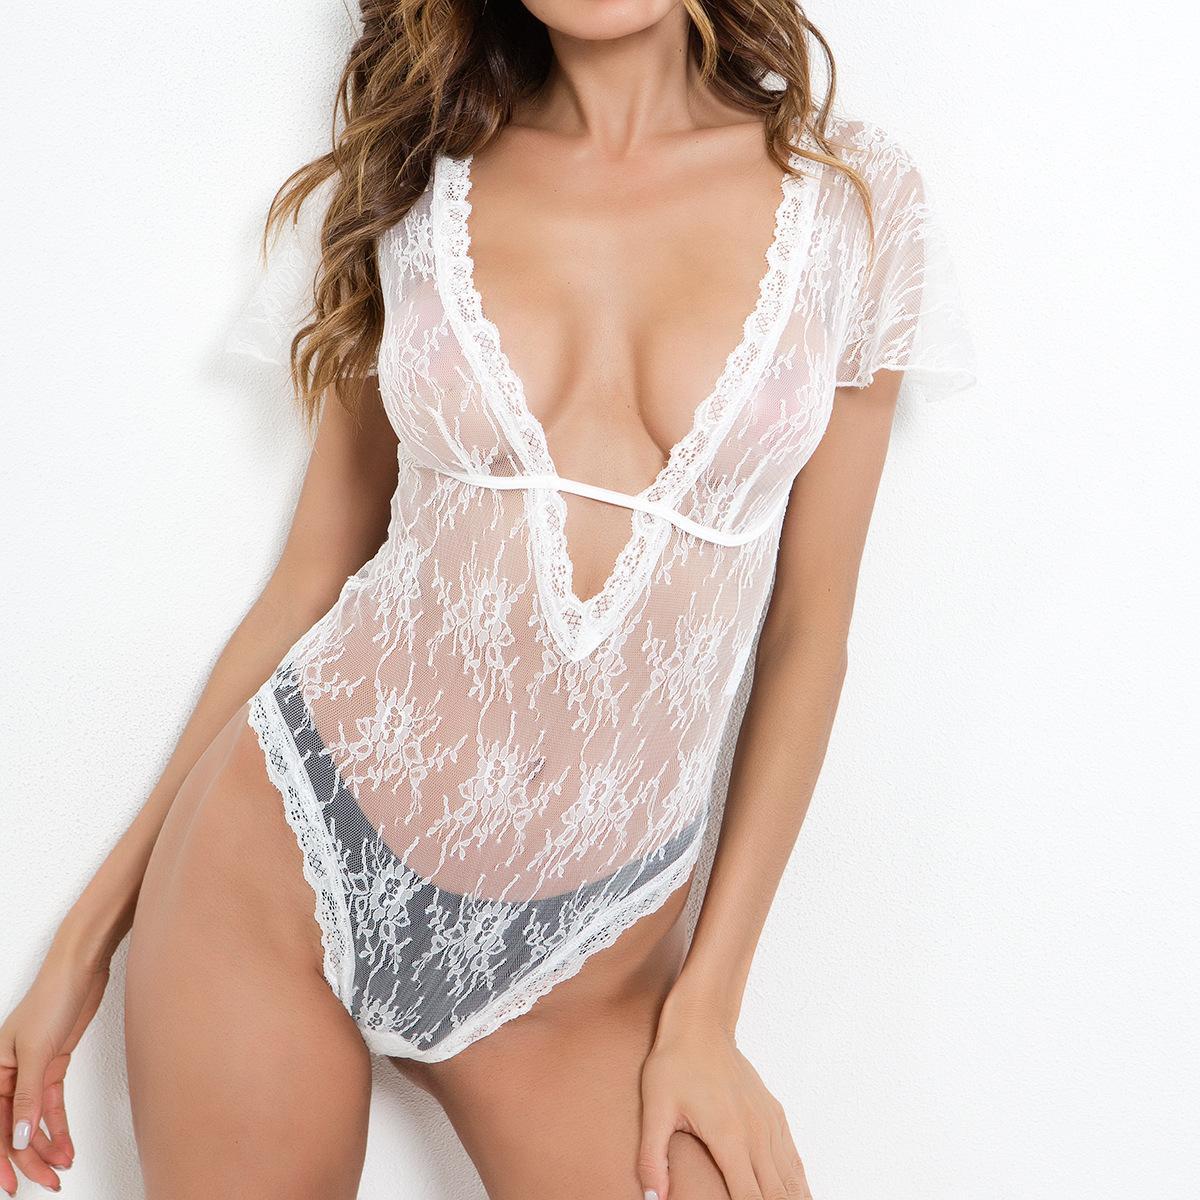 여성 섹시 의상 짧은 소매 테디 바디 수트 딥 브이넥 바디 수트 투명한 레이스 원피스 나이트 가운 레오타드 고품질